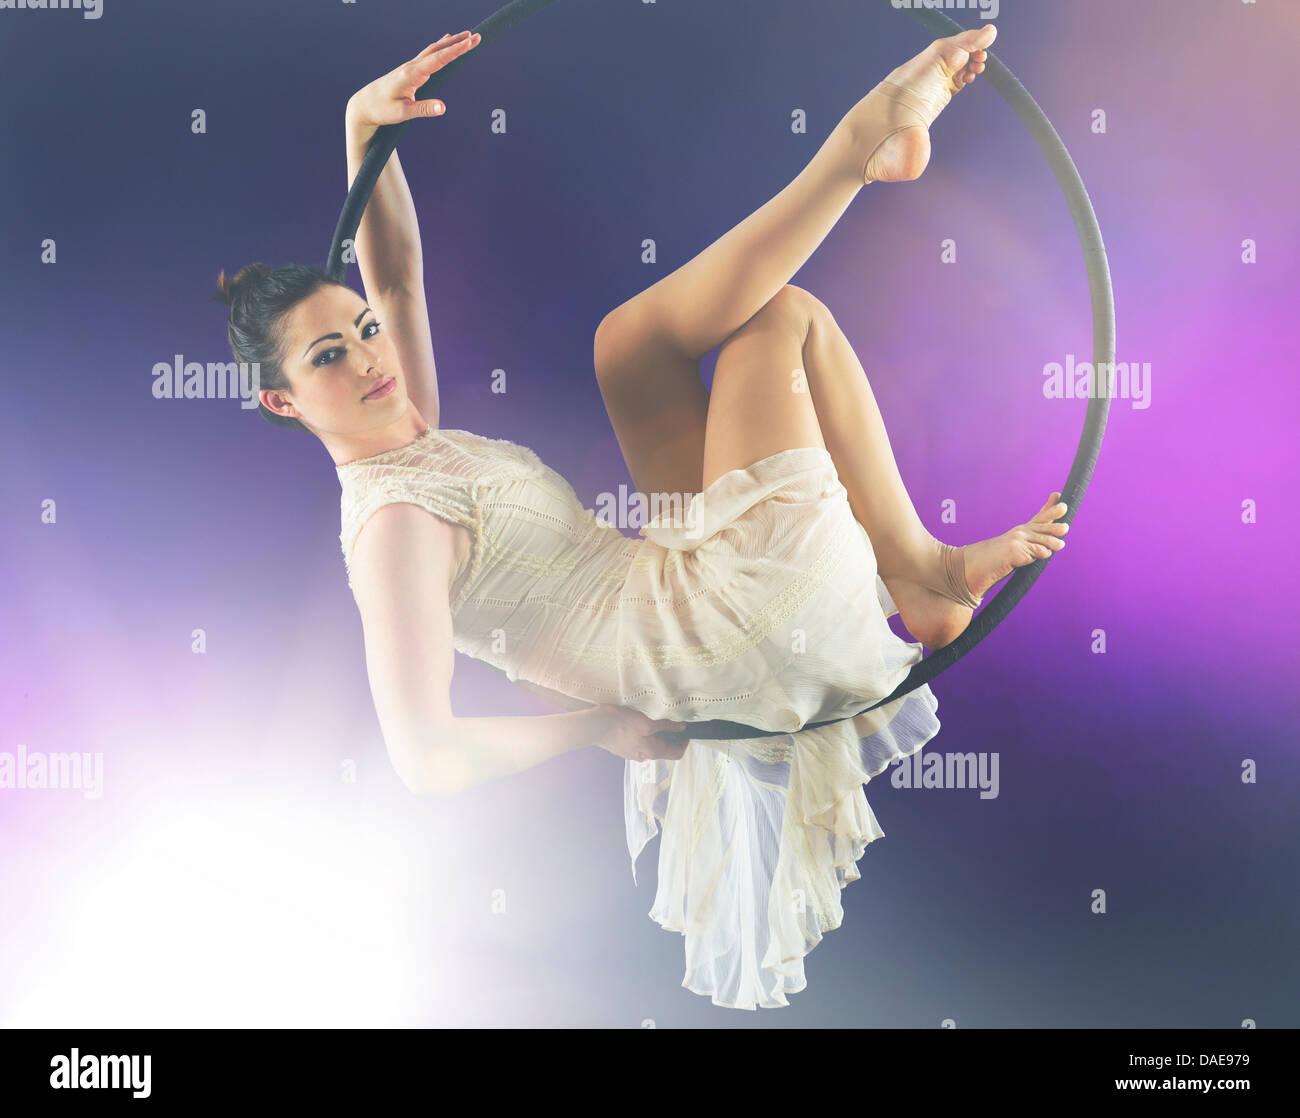 Aerialist poised on hoop against purple background Stock Photo